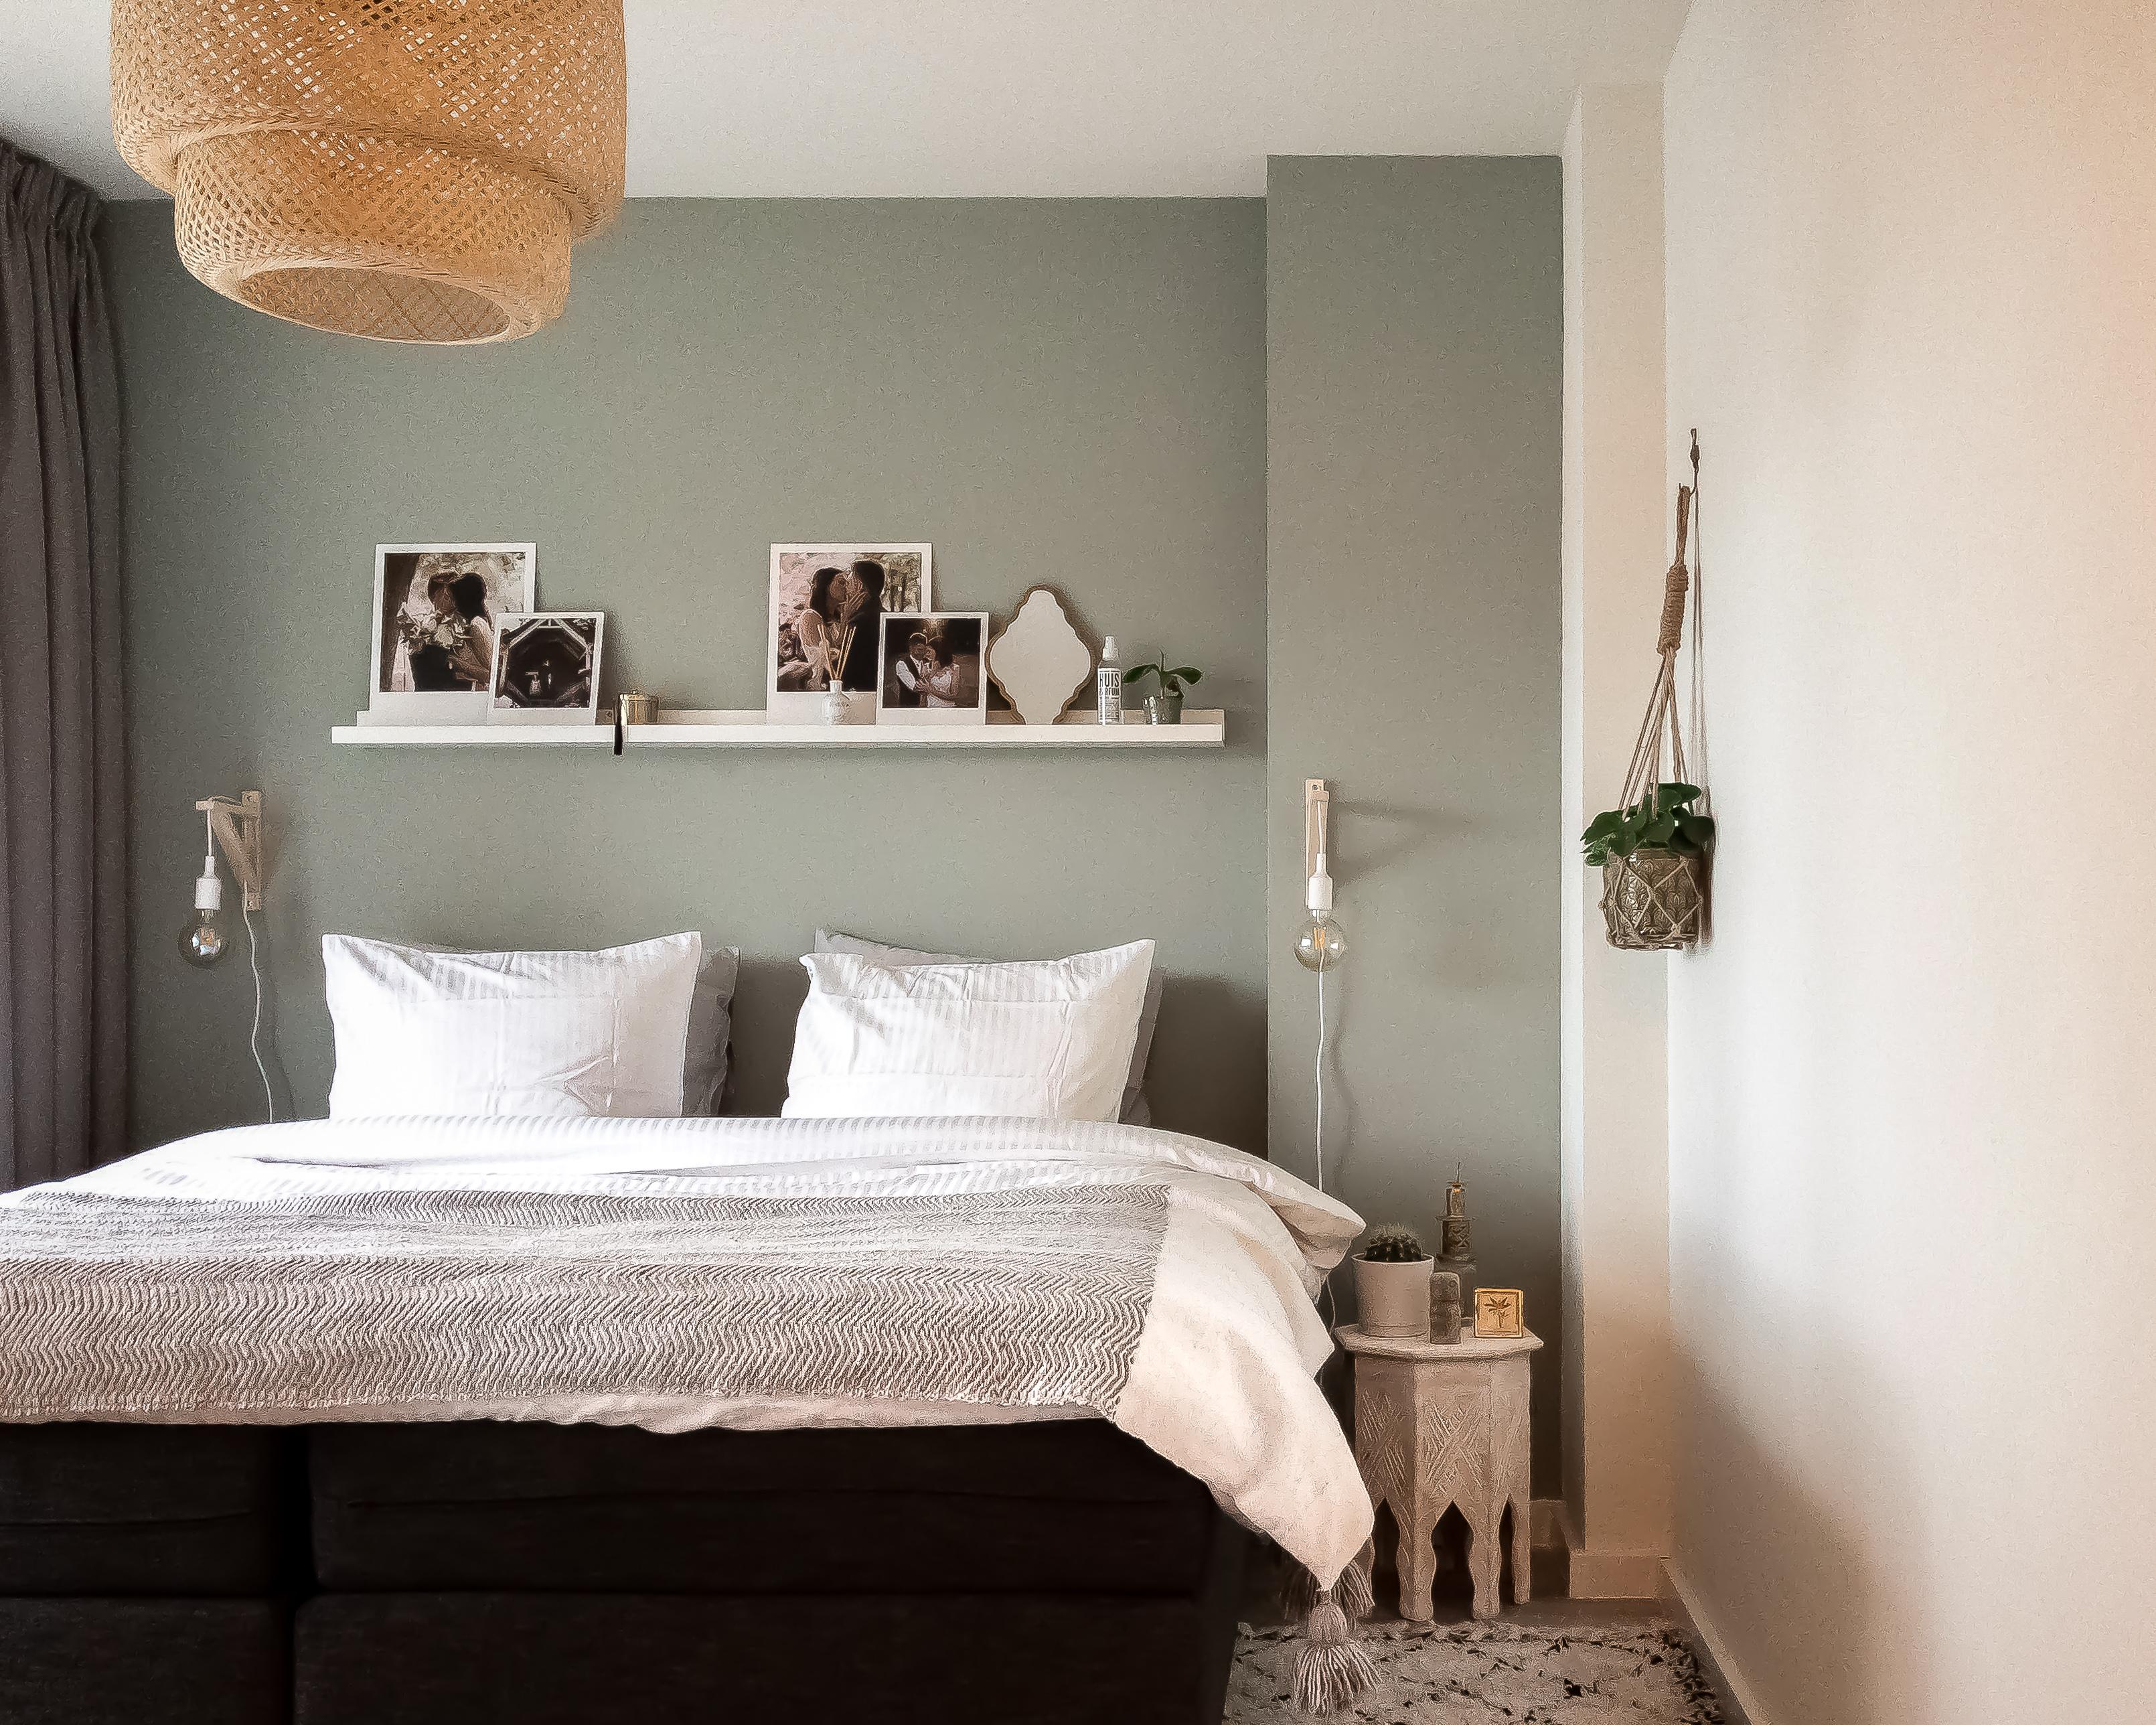 slaapkamer groene muur bohemien details